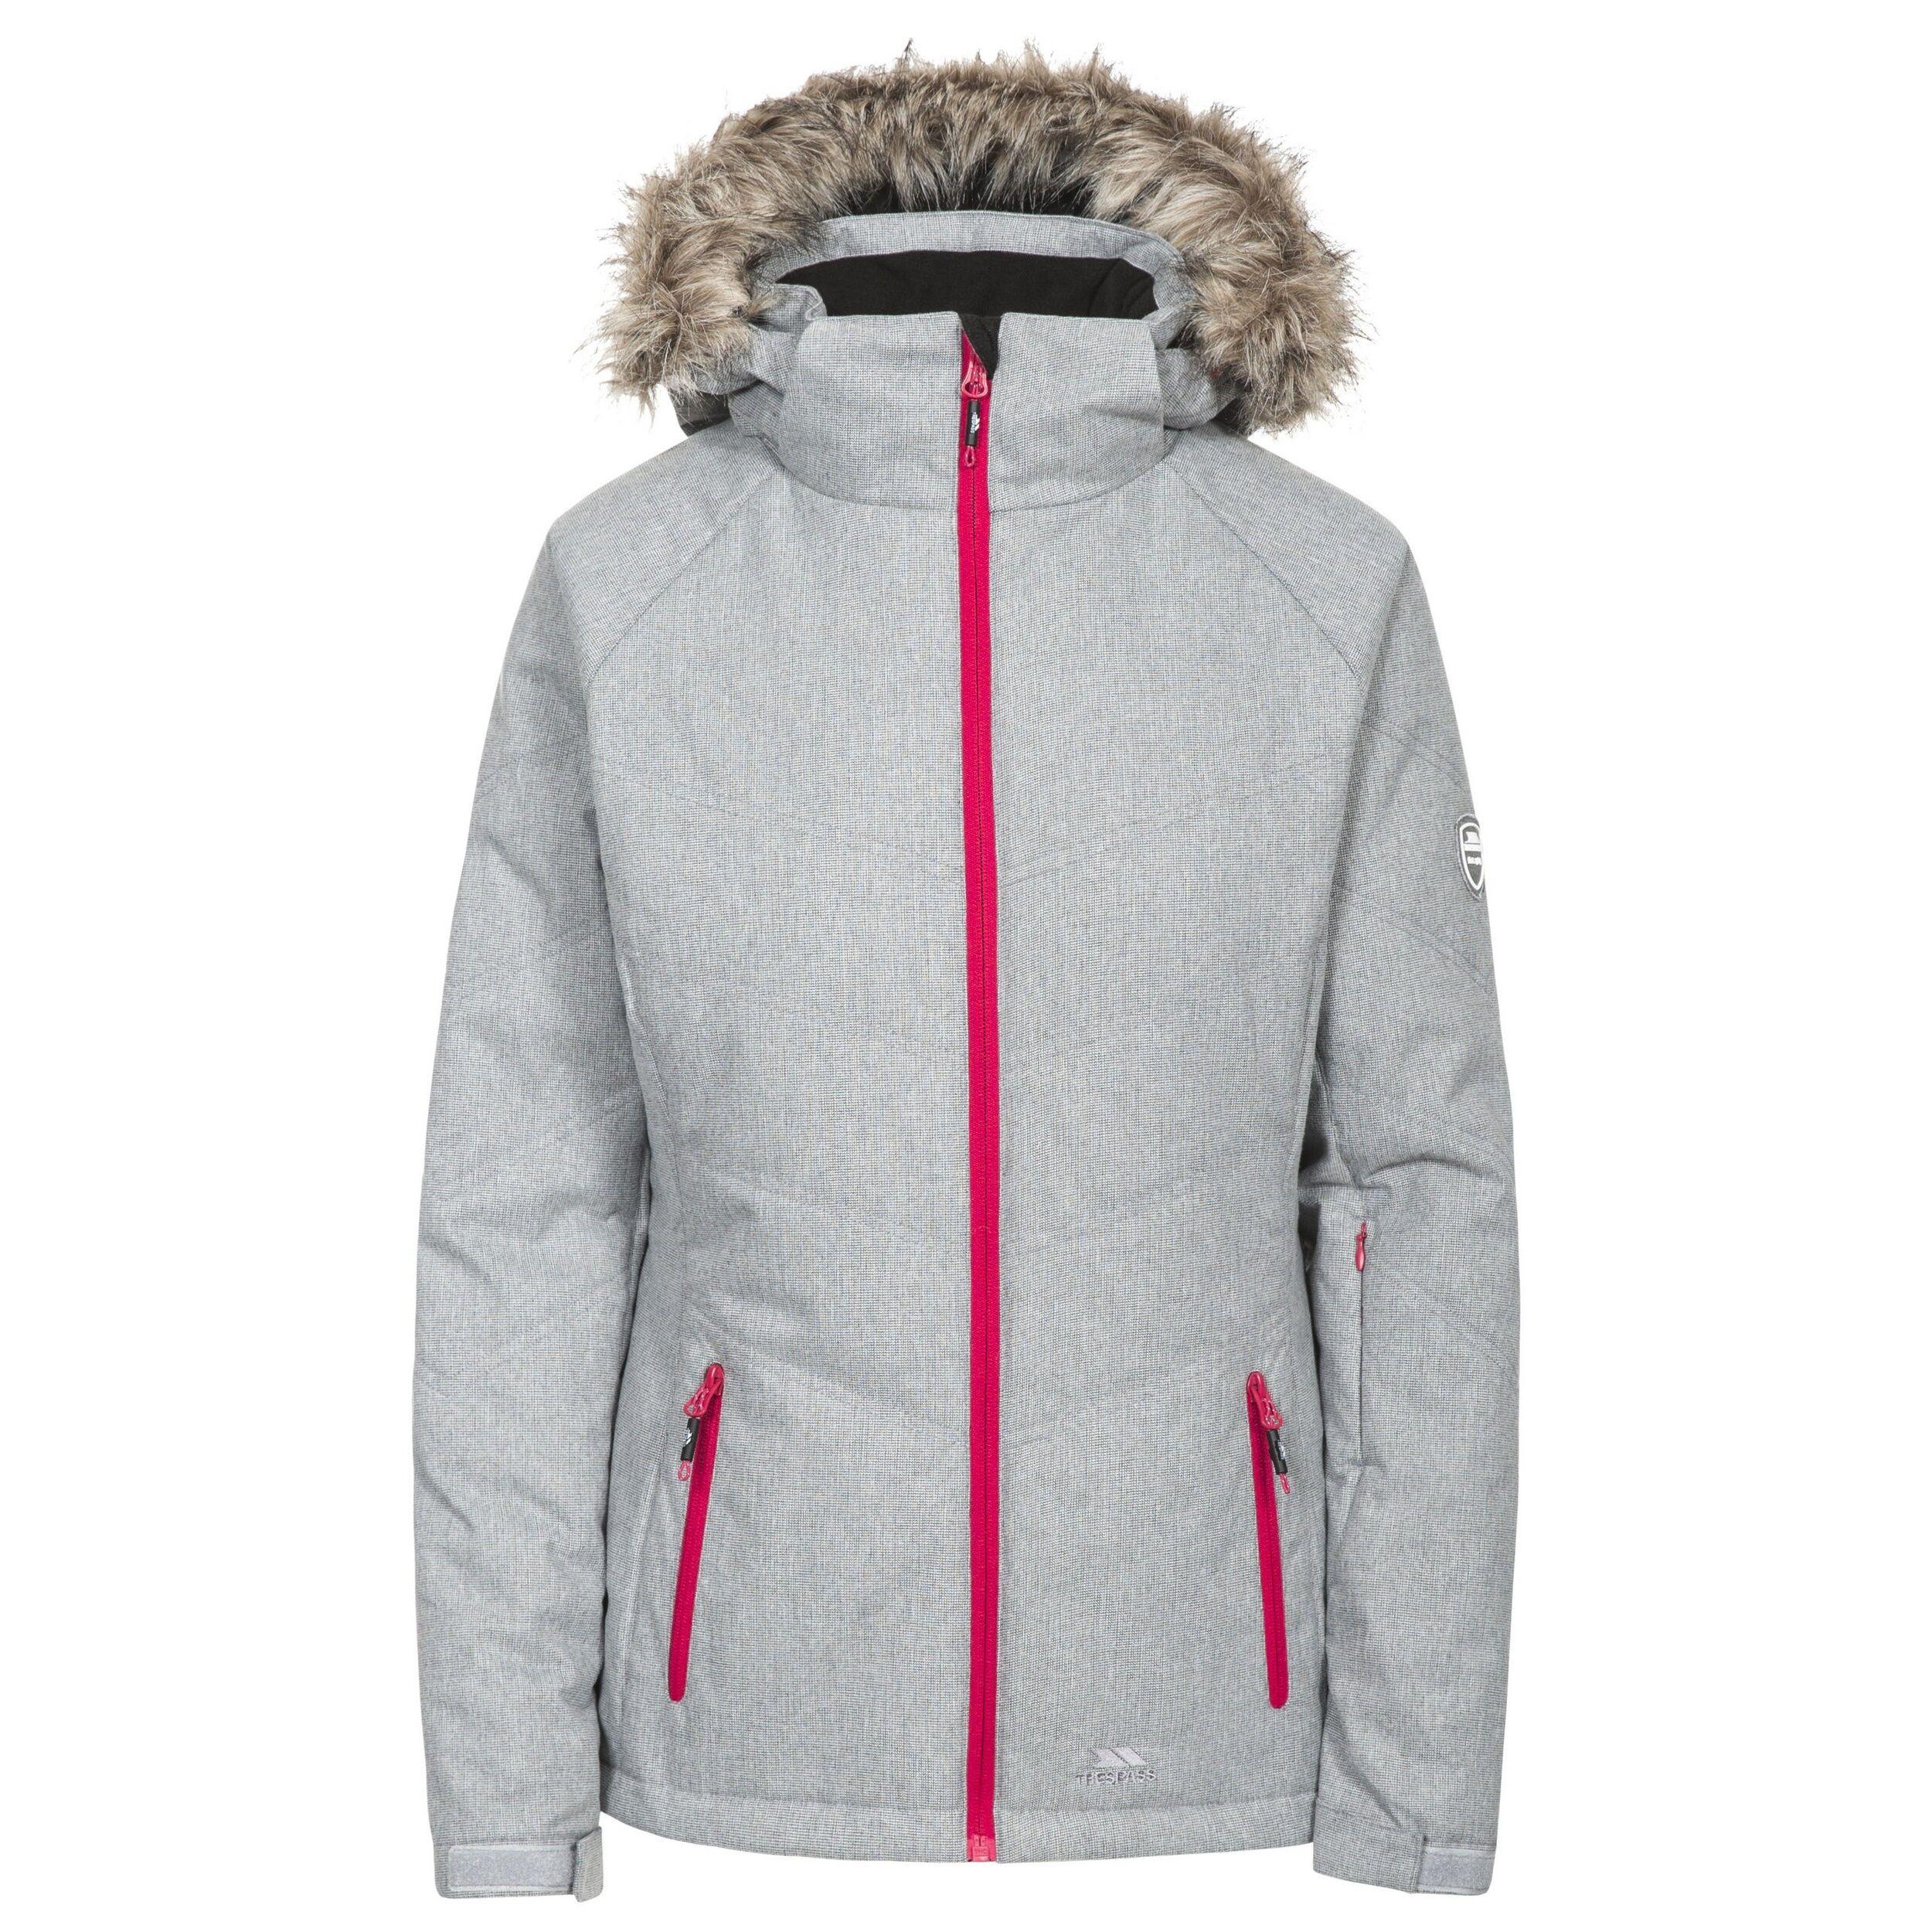 Trespass - Manteau De Ski Always - Femme (Gris) - UTTP3723